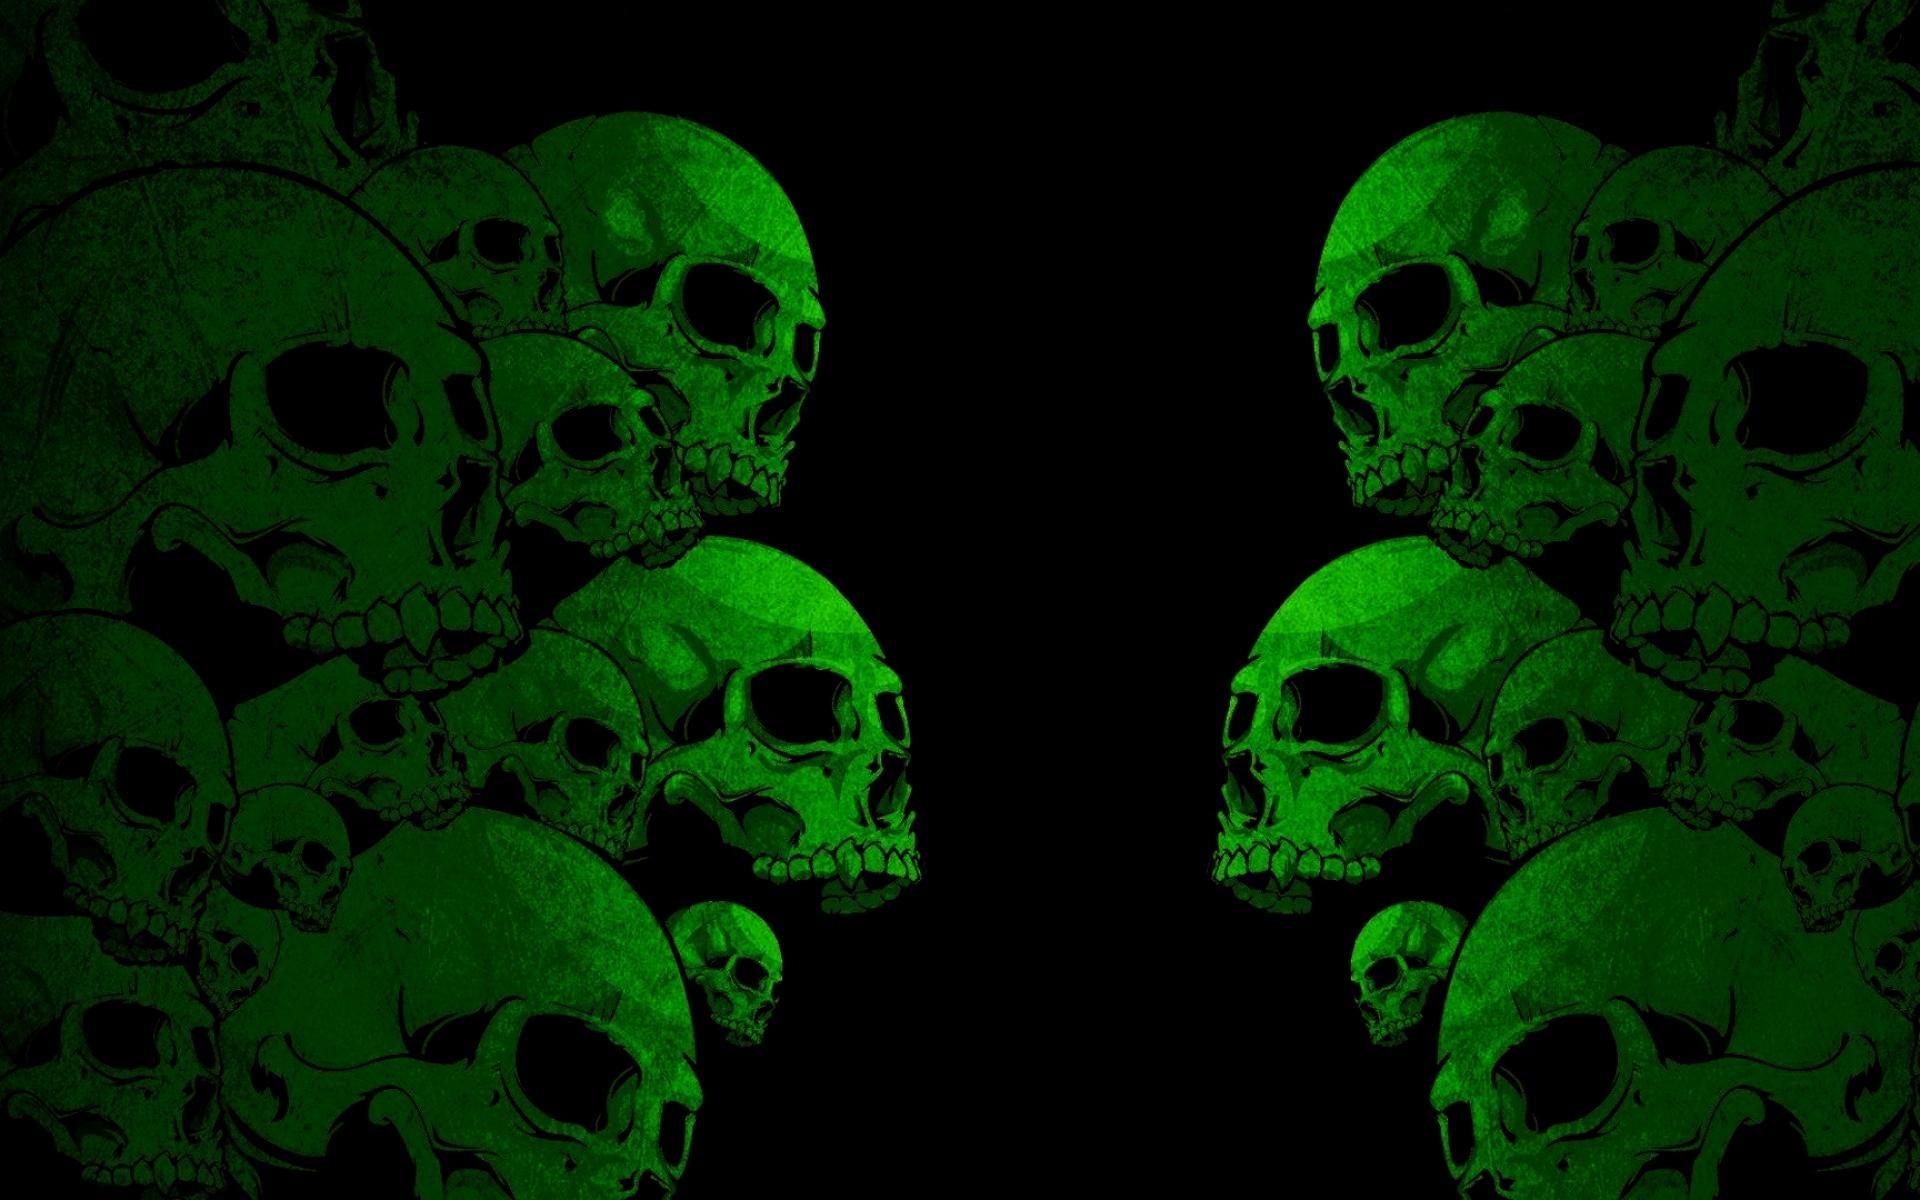 Картинки большого разрешения с черепами